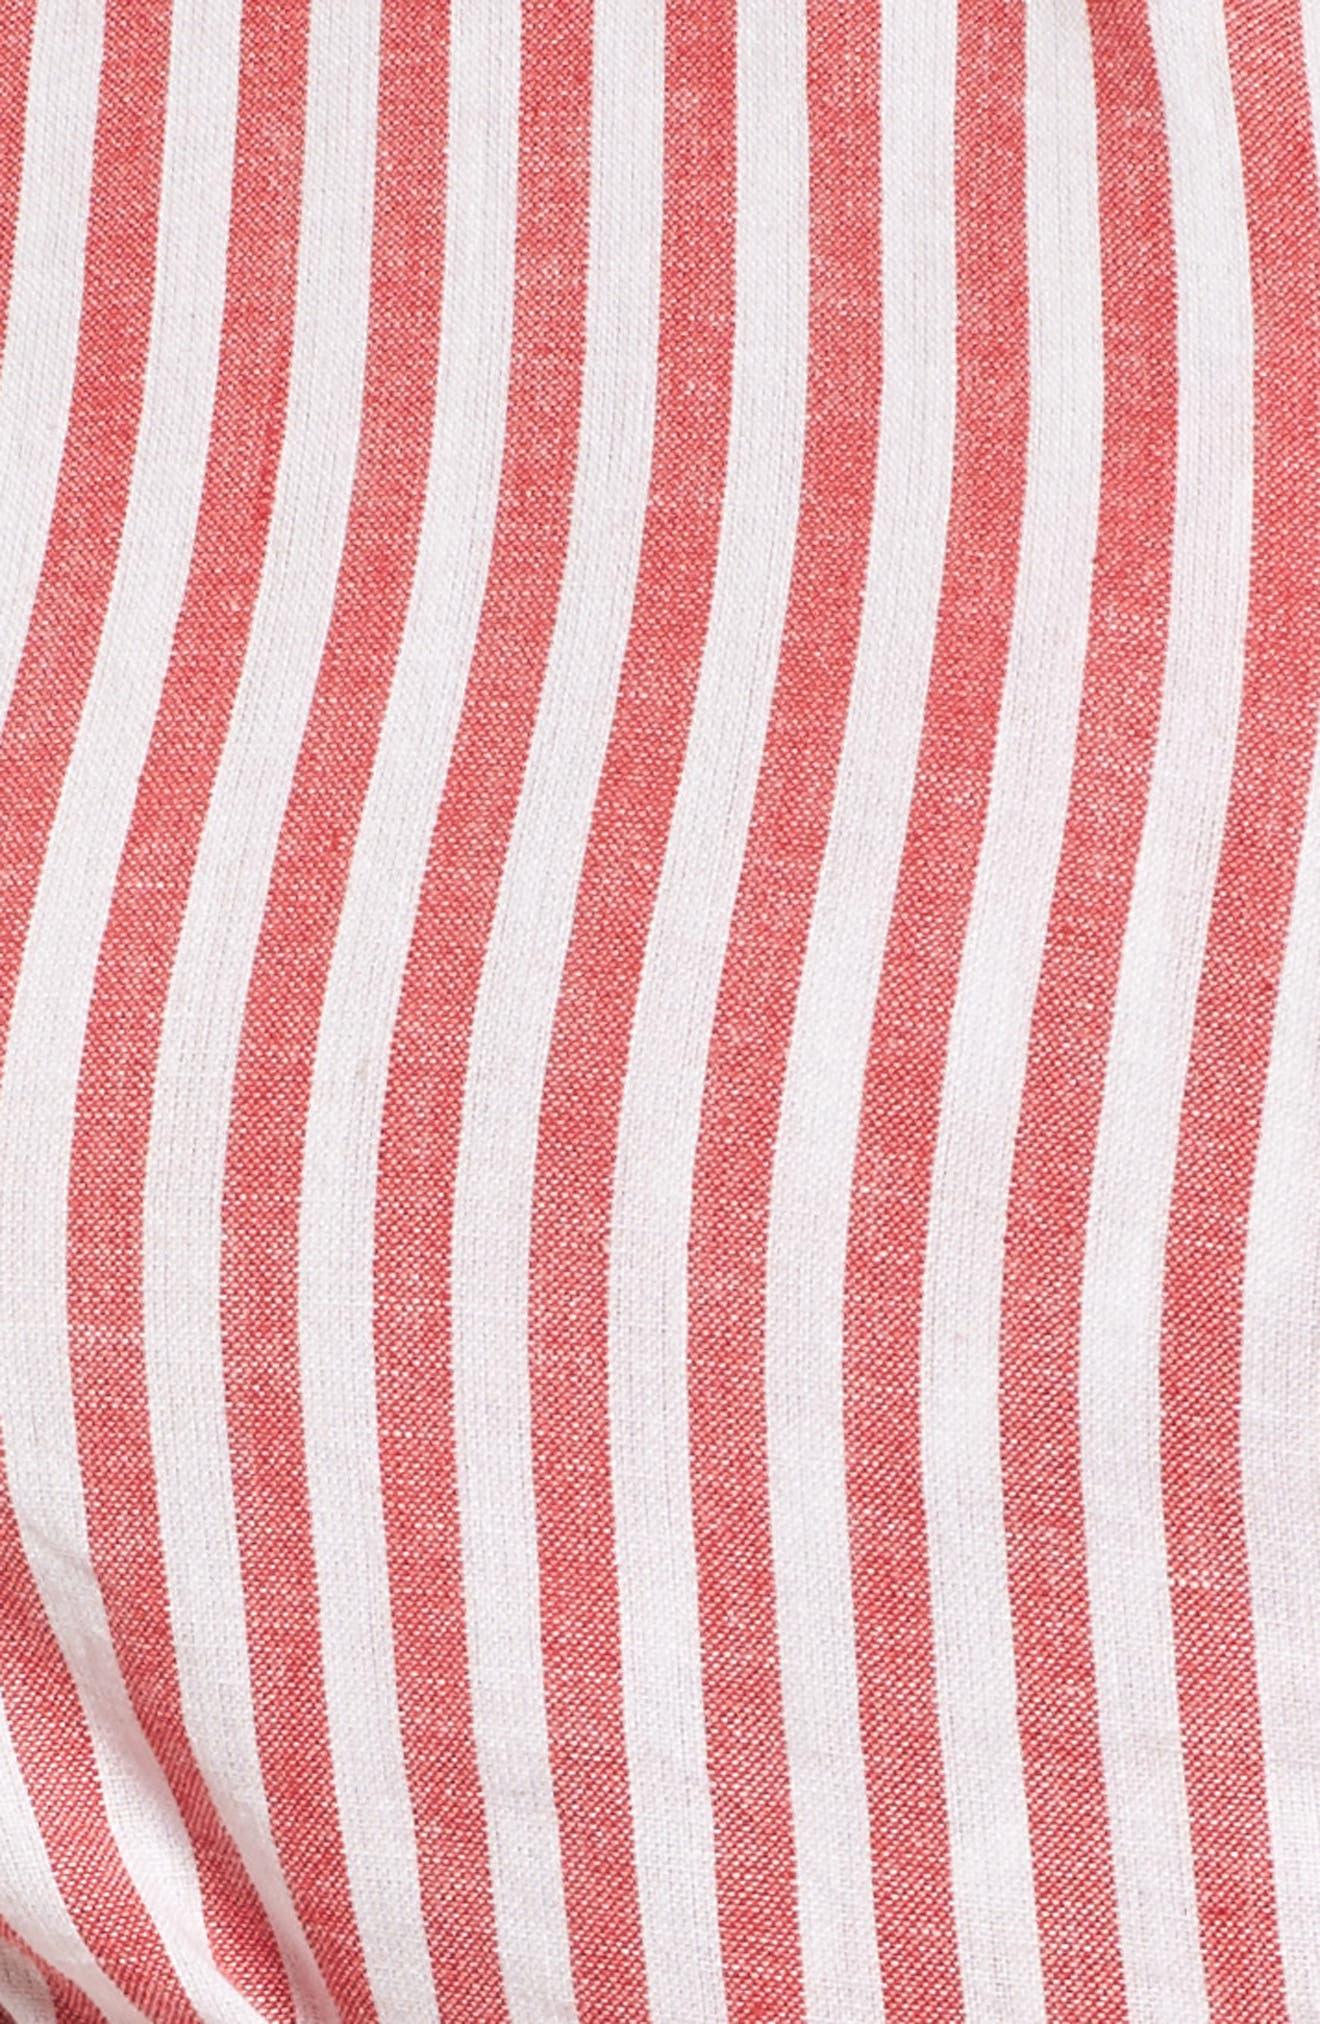 L'Academie Reckless One-Shoulder Wrap Blouse,                             Alternate thumbnail 5, color,                             600